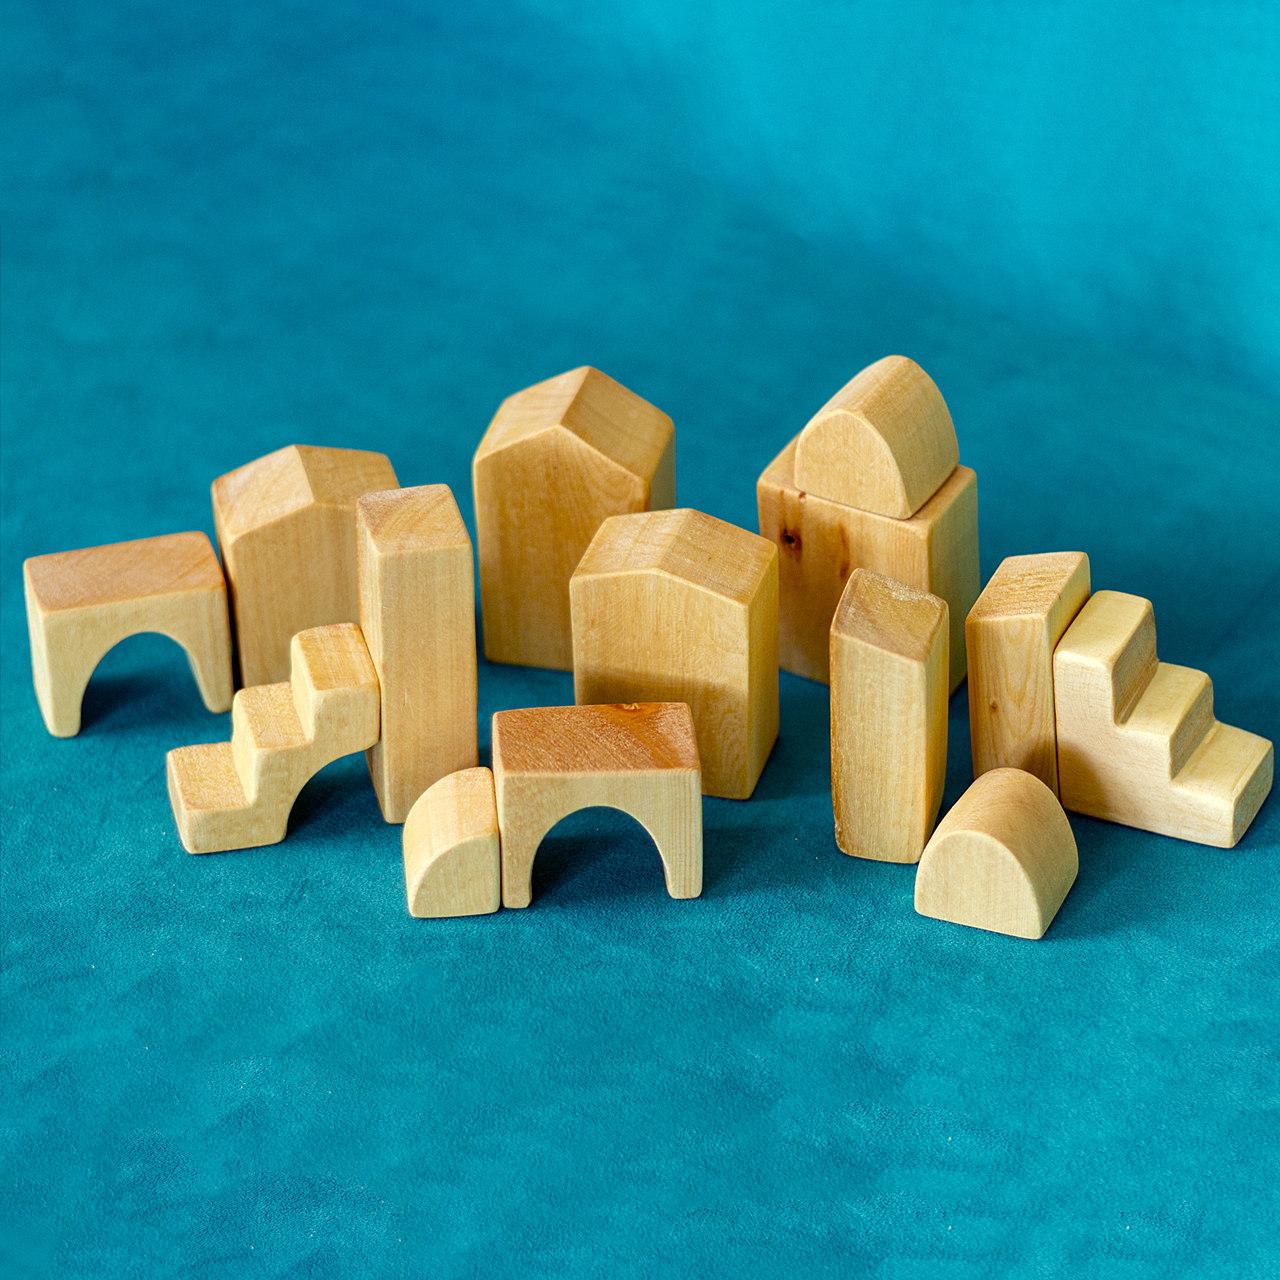 خرید                      اسباب بازی چوبی مدل آرچی کد 01 مجموعه ۱۴ عددی